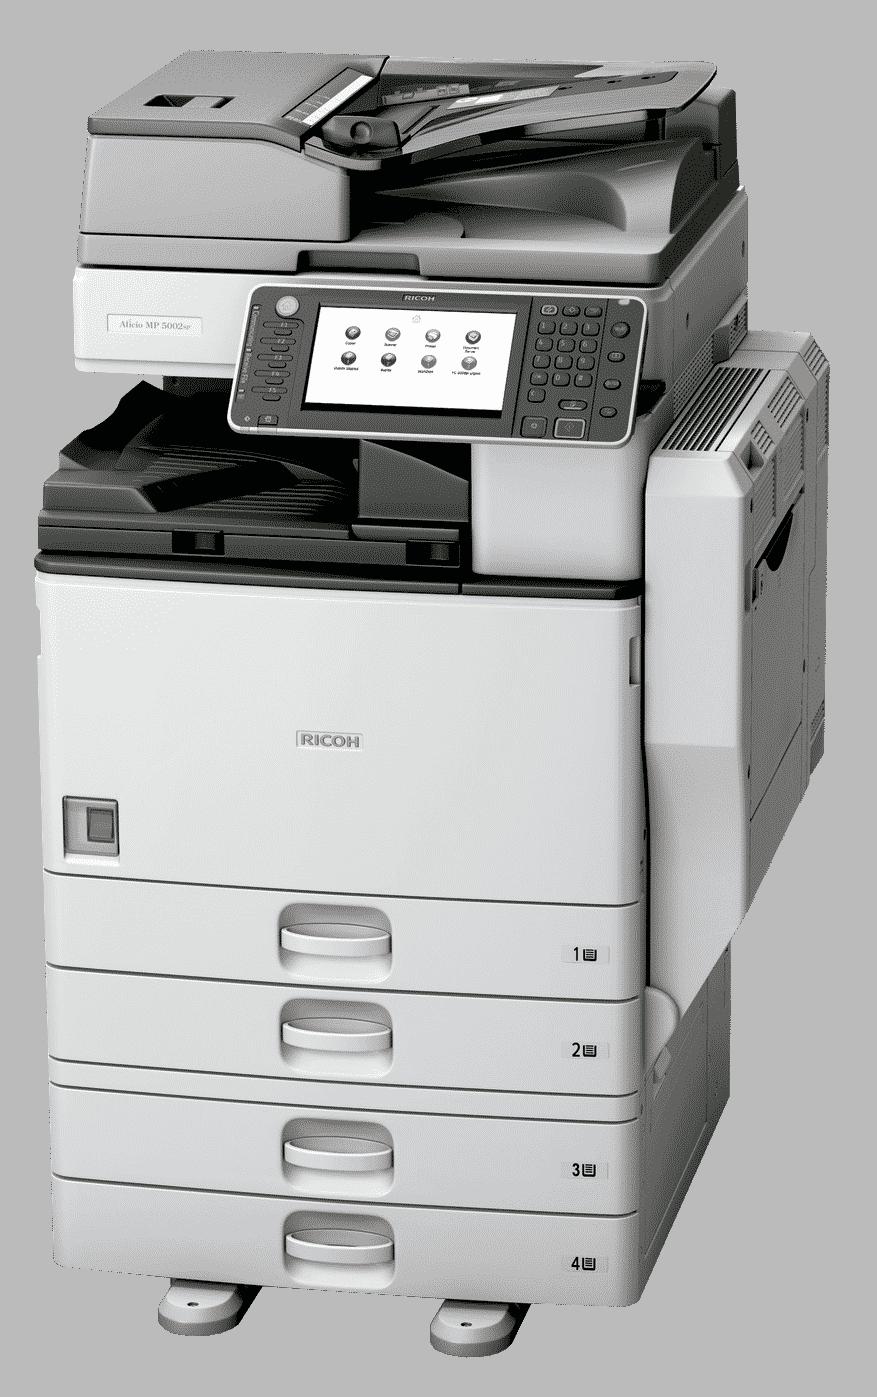 Cho thuê máy photocopy tại cầu Giấy